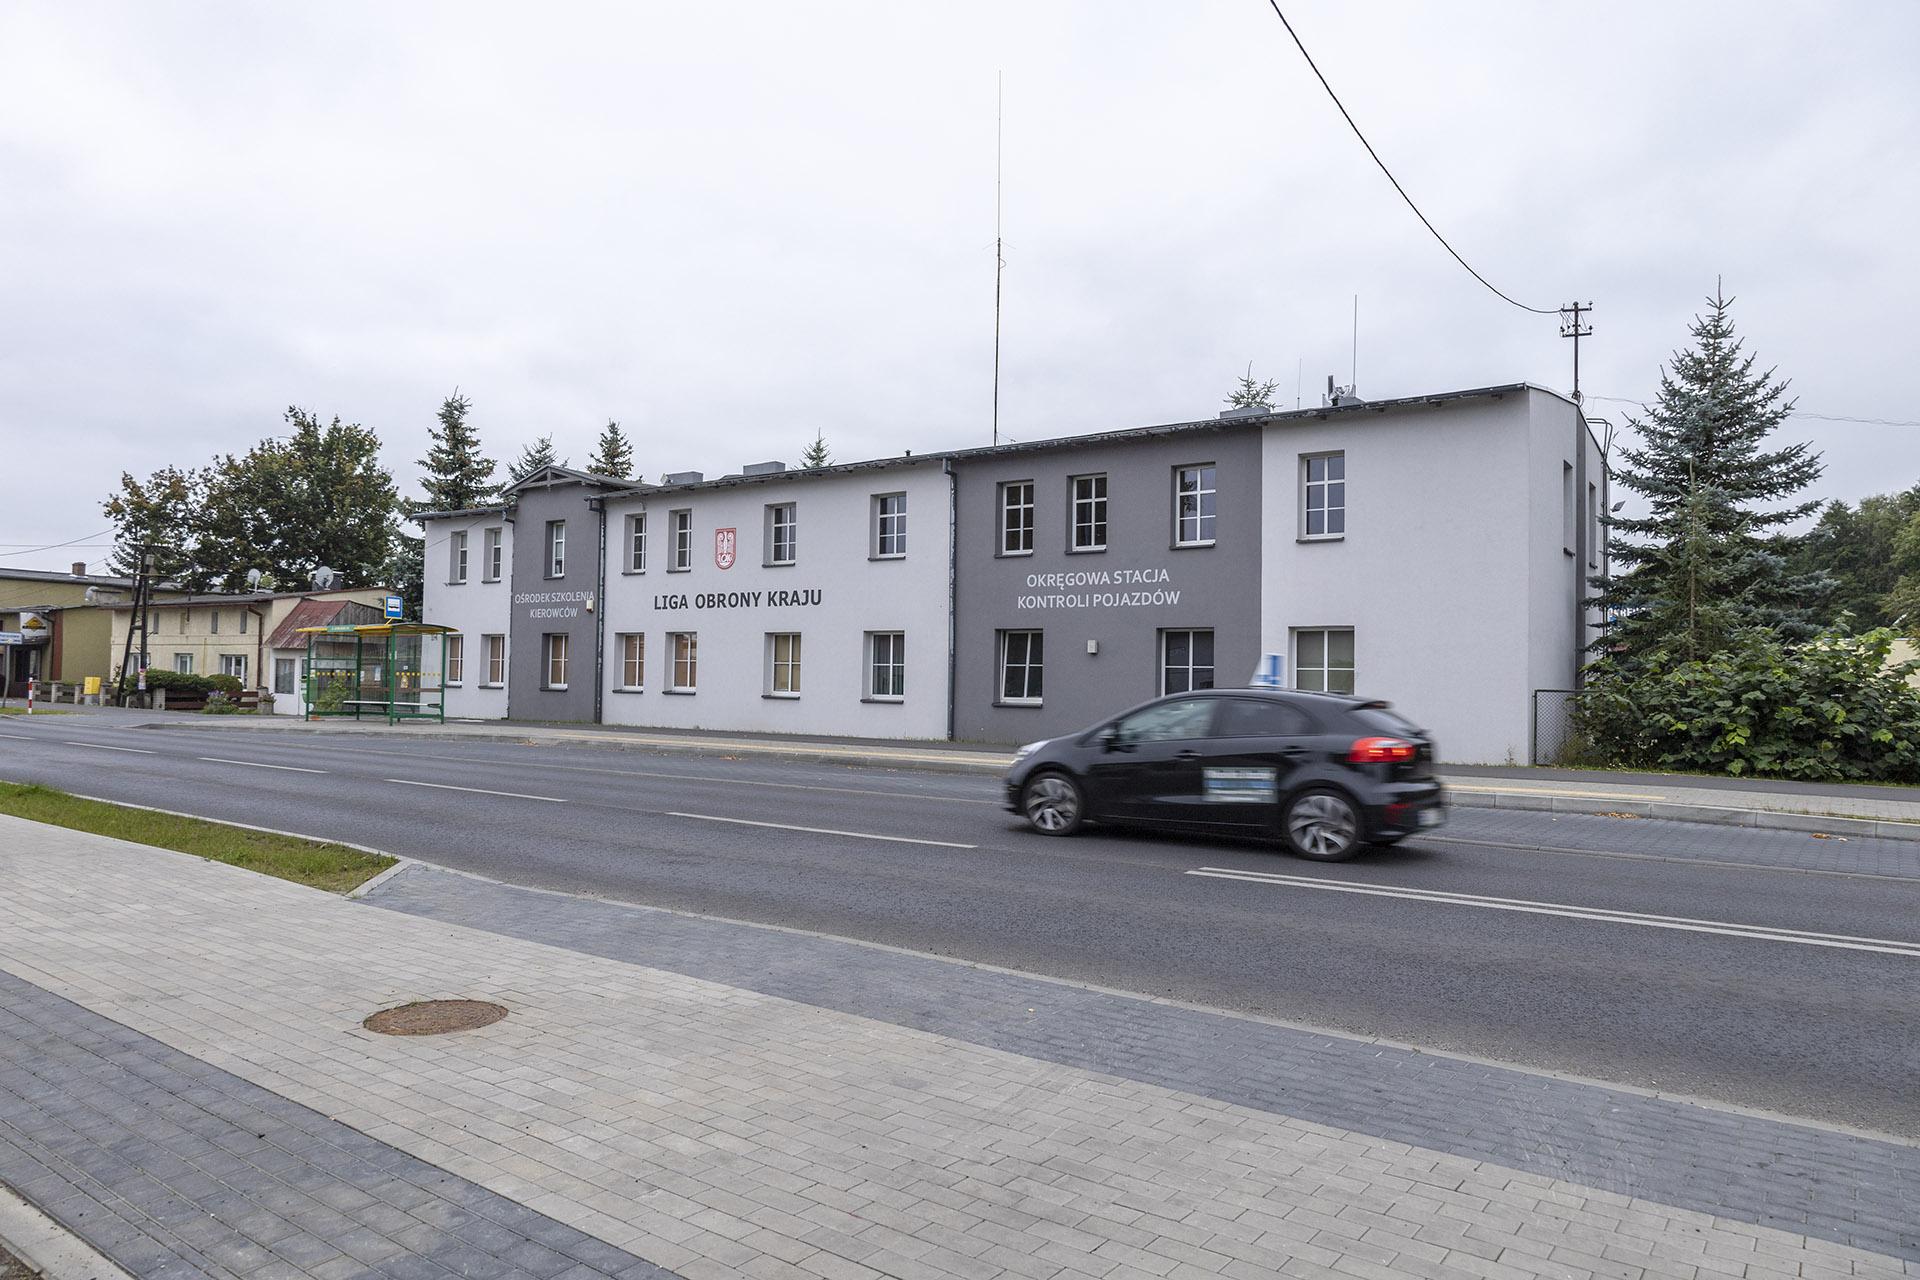 W budynku Ligi Obrony Kraju przed wojną mieściła się szkoła. Fot. Marcin Maziarz